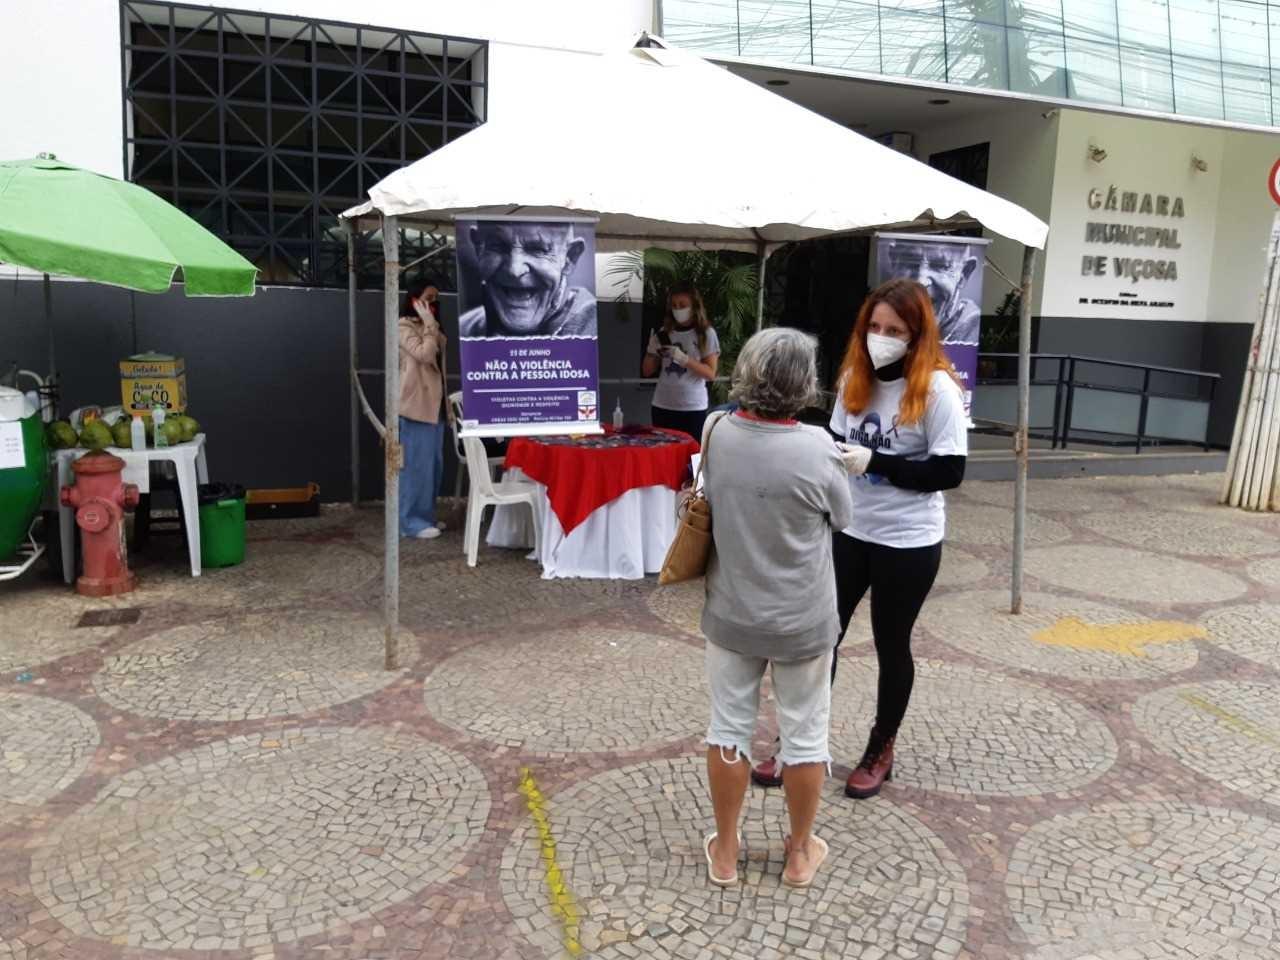 Ação conscientiza sobre violência contra pessoa idosa em Viçosa